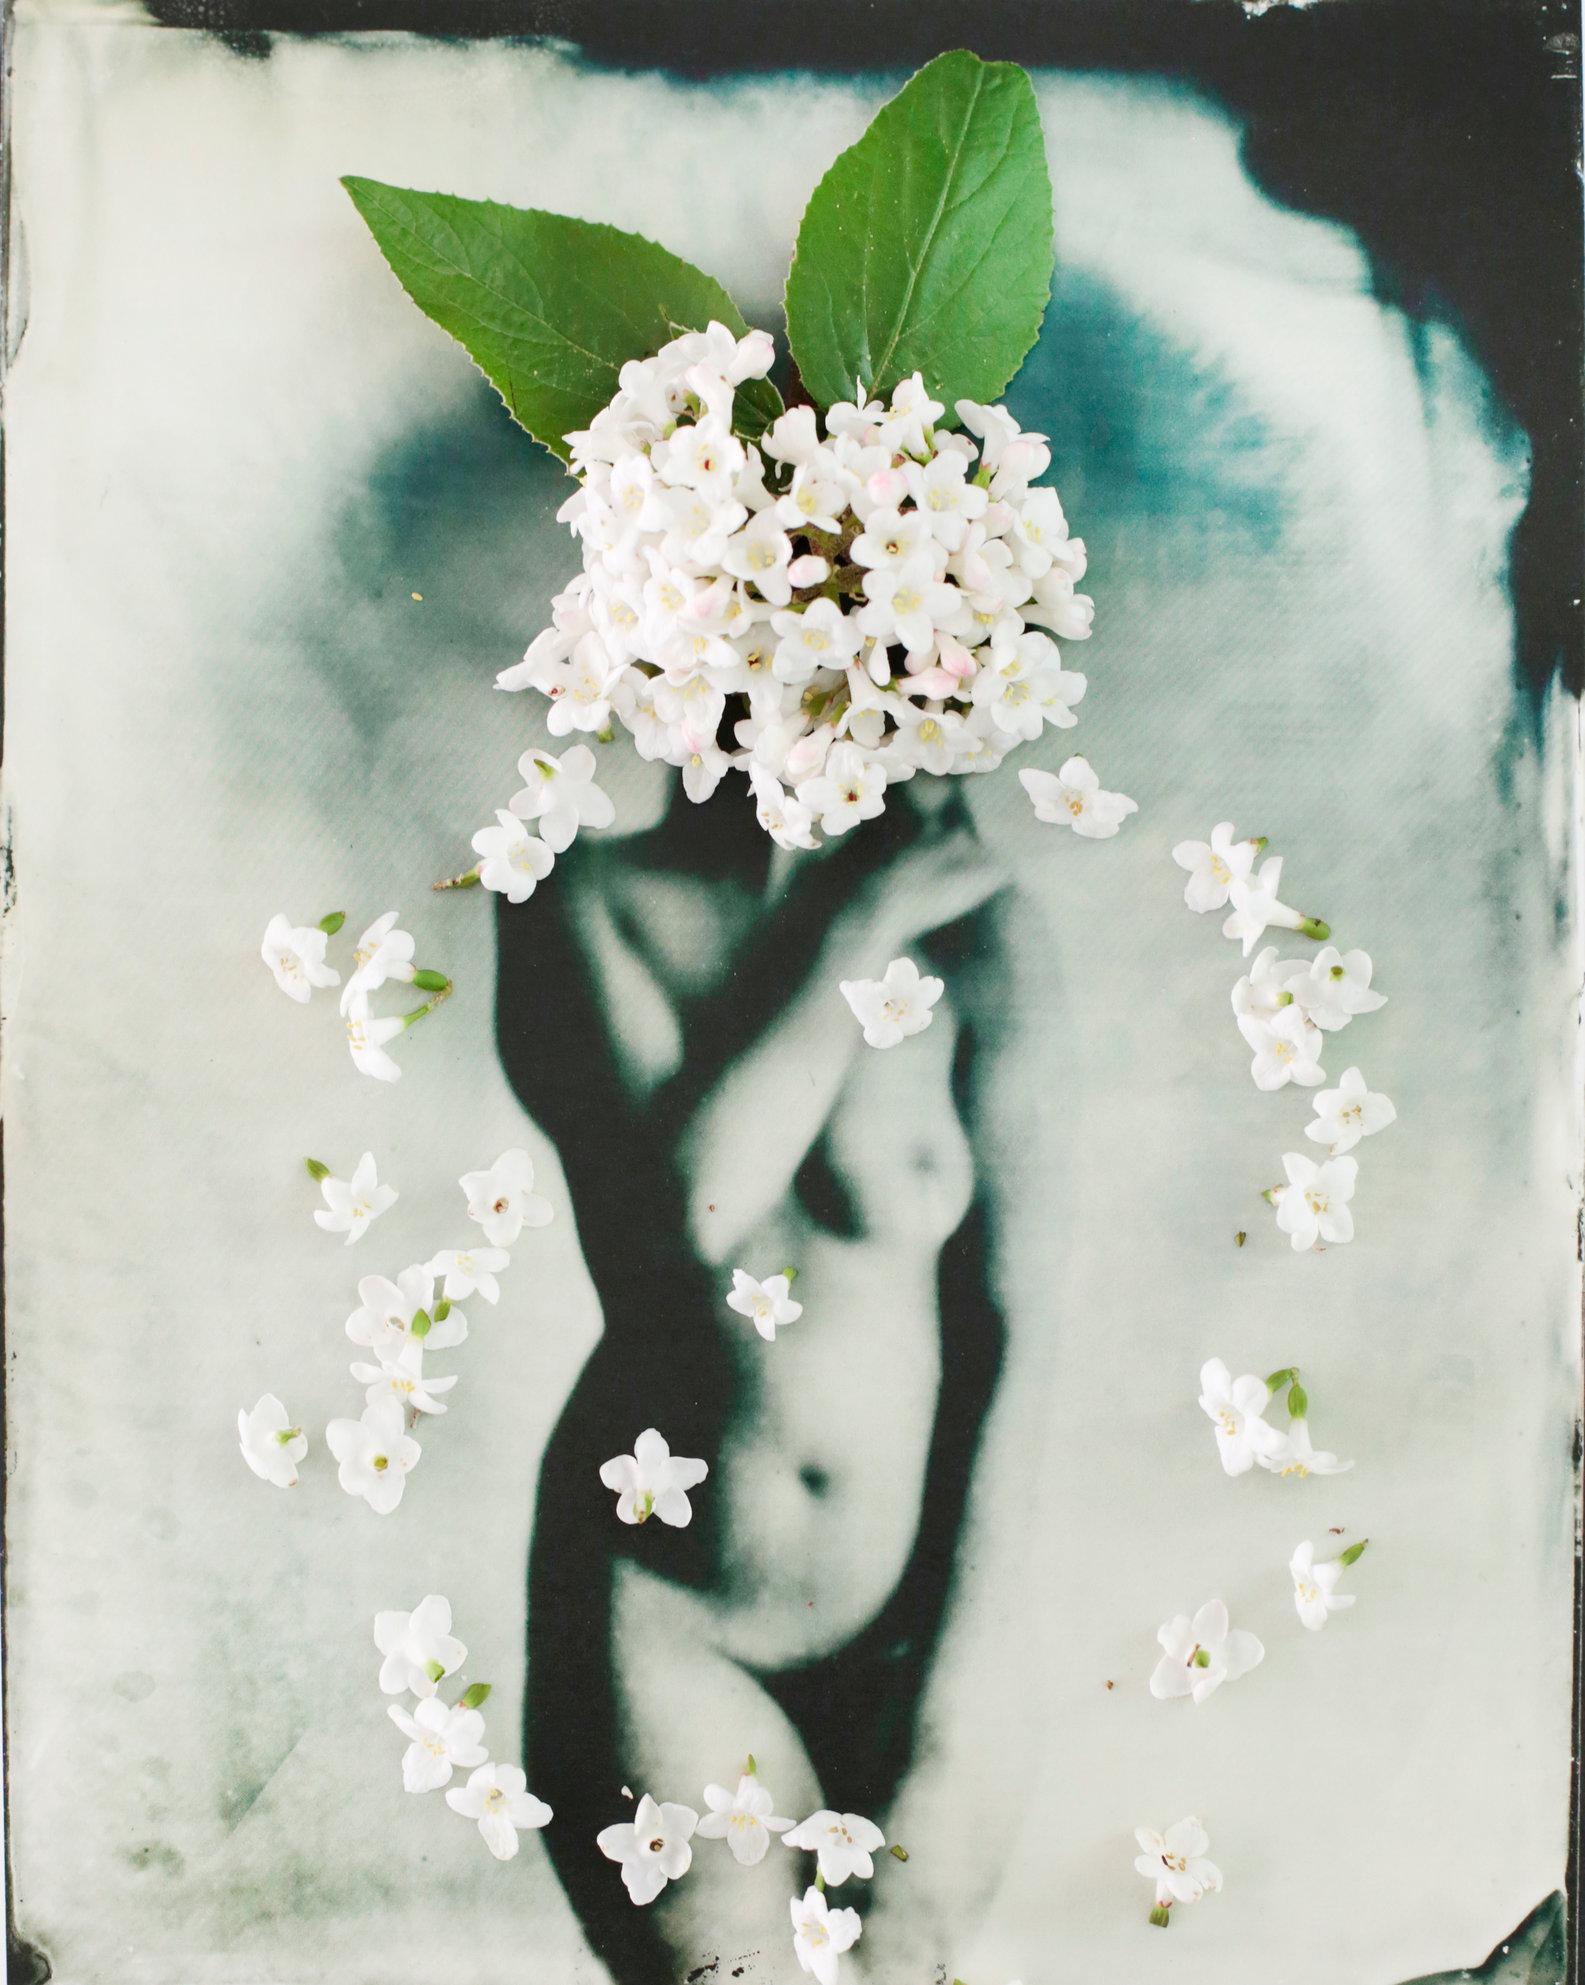 FLOWERS_1_008.JPG